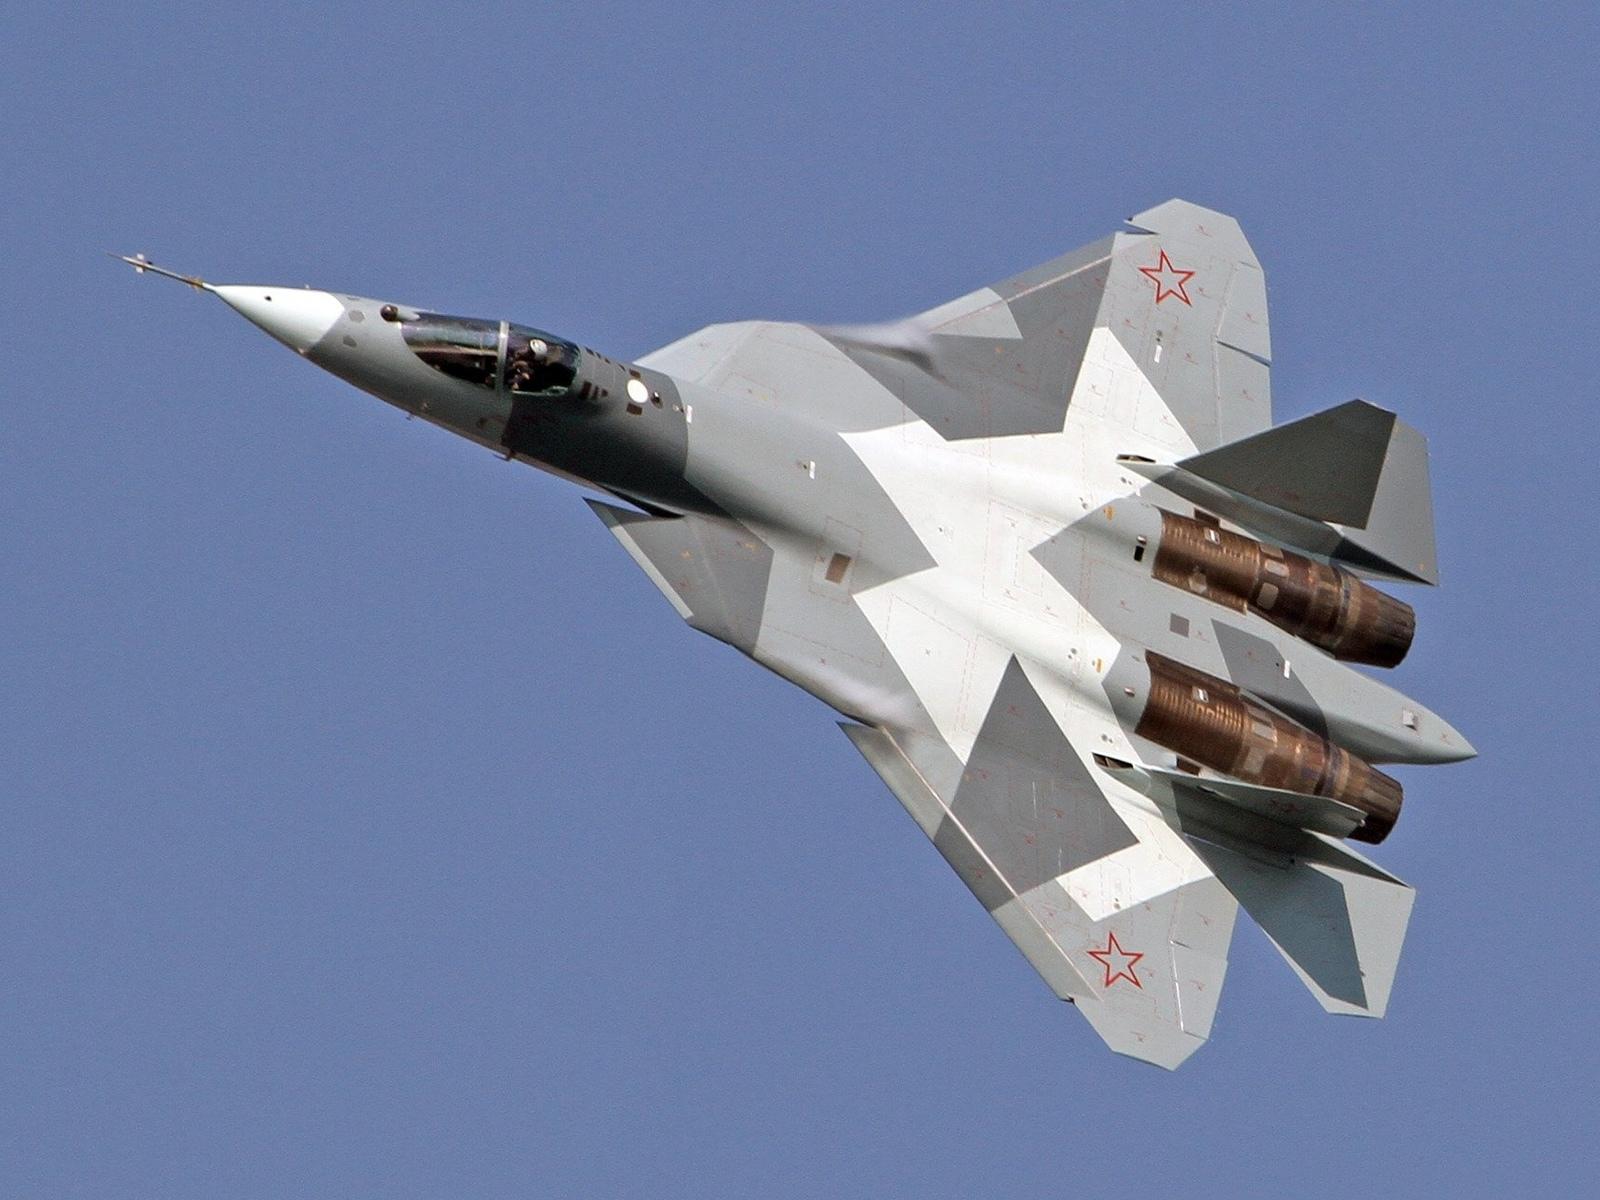 т 50, истребитель 5 го поколения, военная техника, мощь, полёт, истребитель